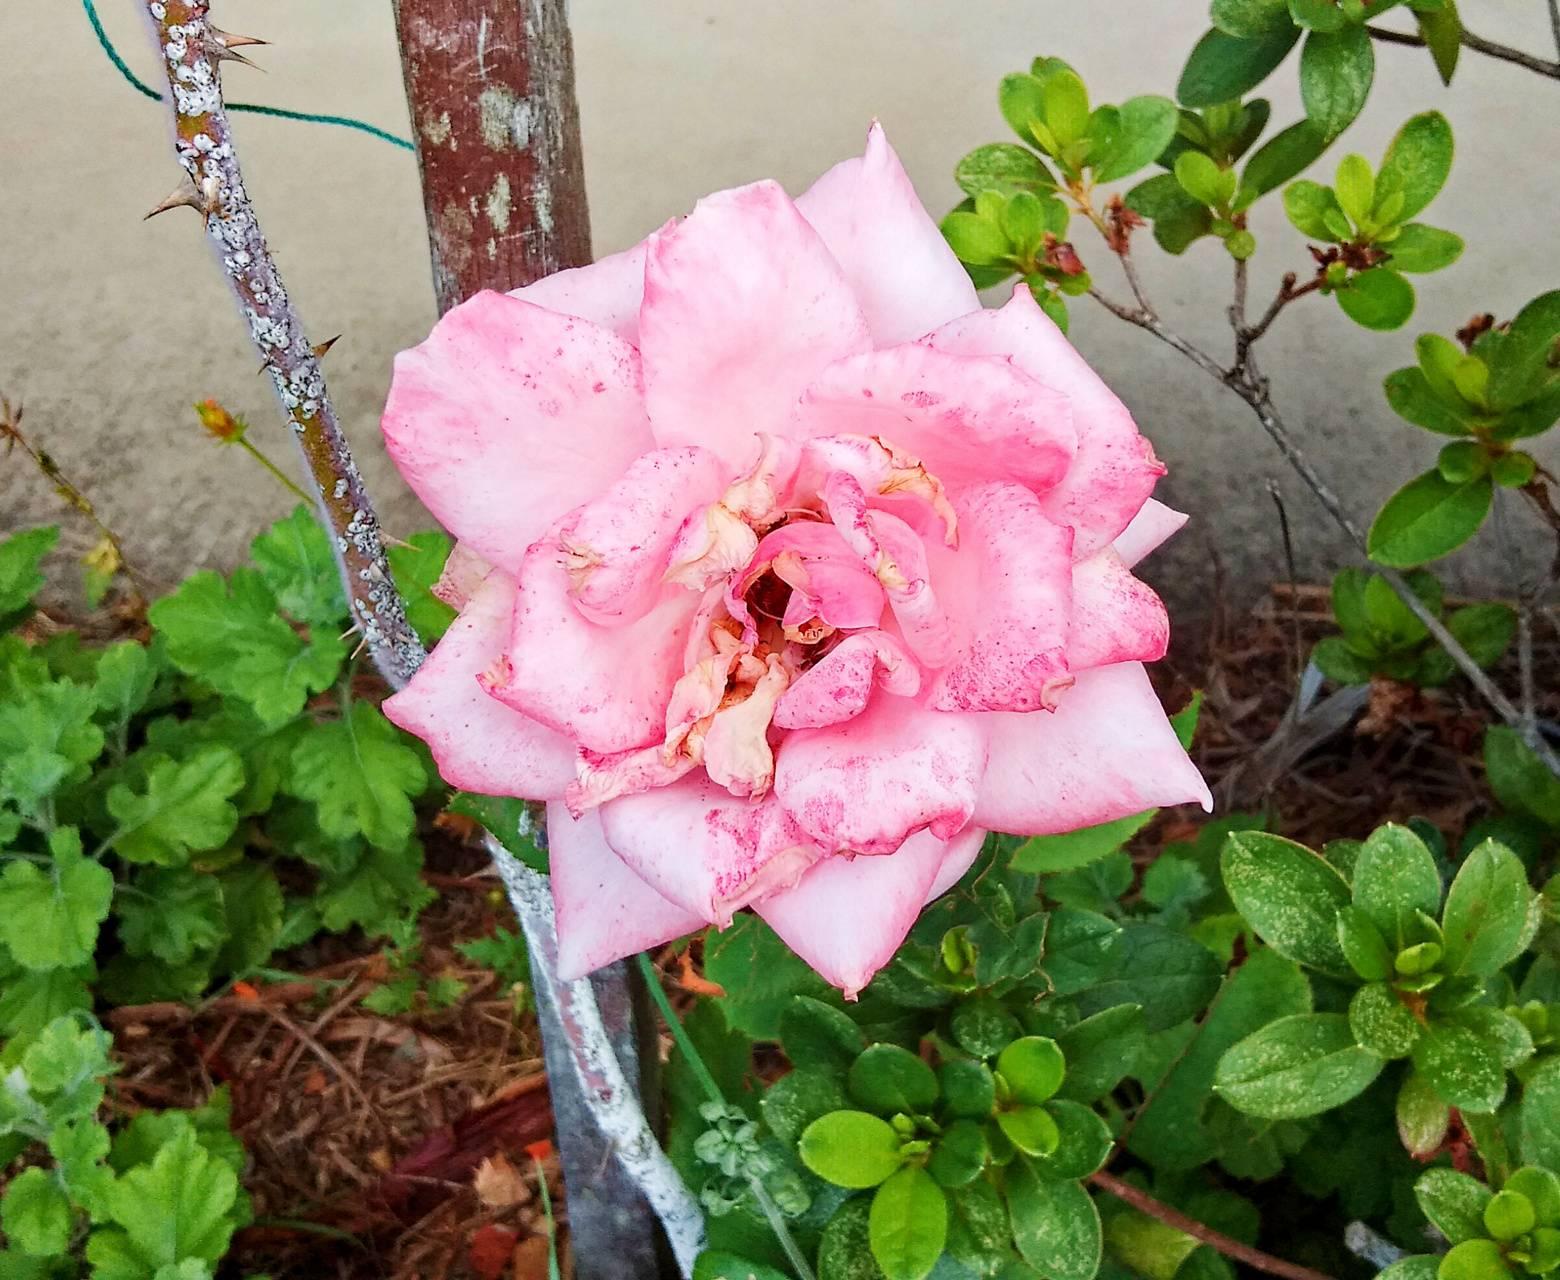 Pink Polkadot Rose